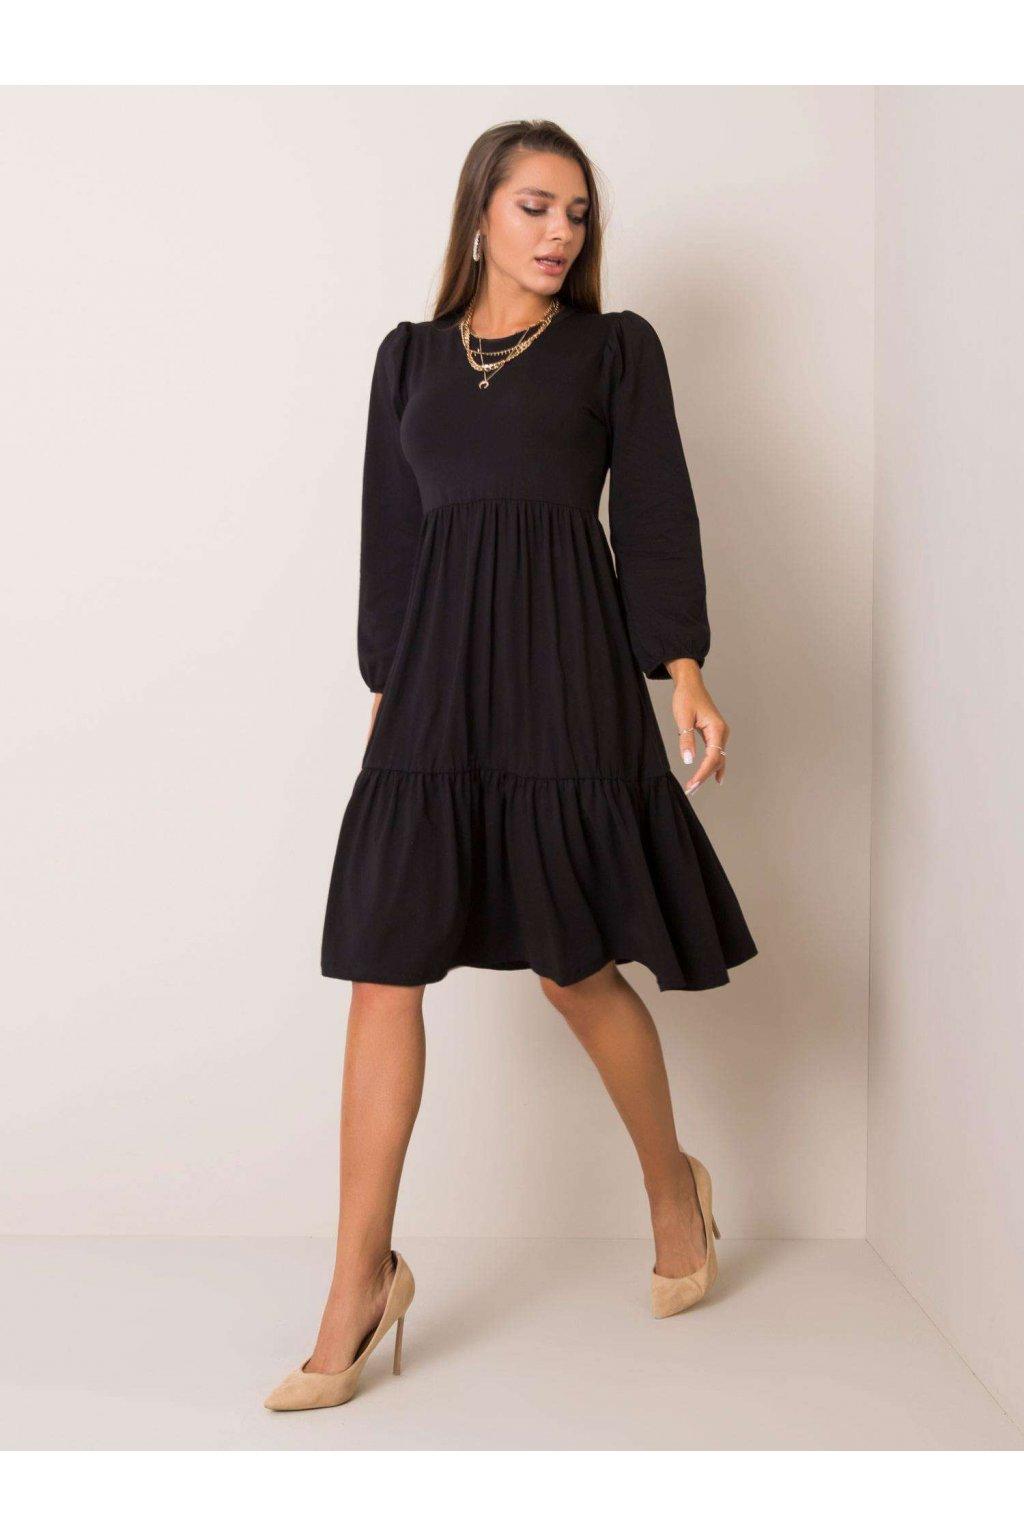 pol pl Czarna sukienka Yonne RUE PARIS 354173 1